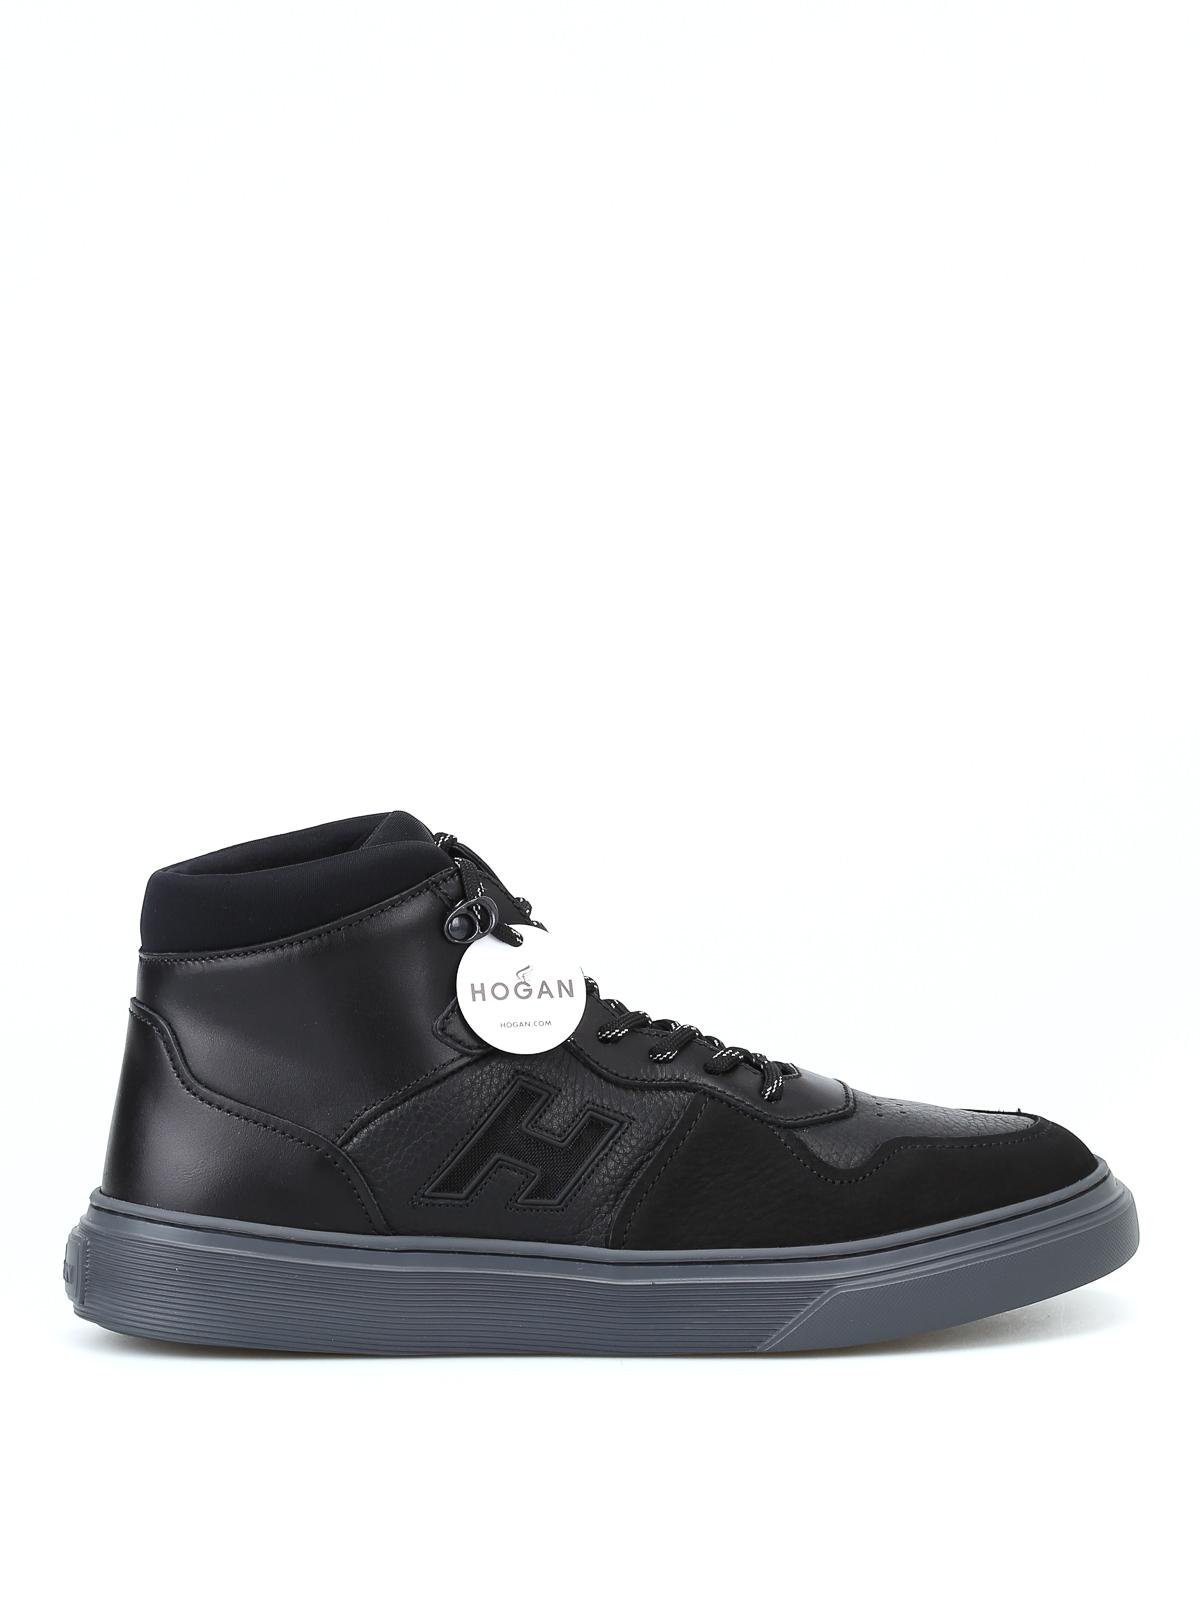 plus récent dcb2a b1cf6 H365 black basket hi-top sneakers